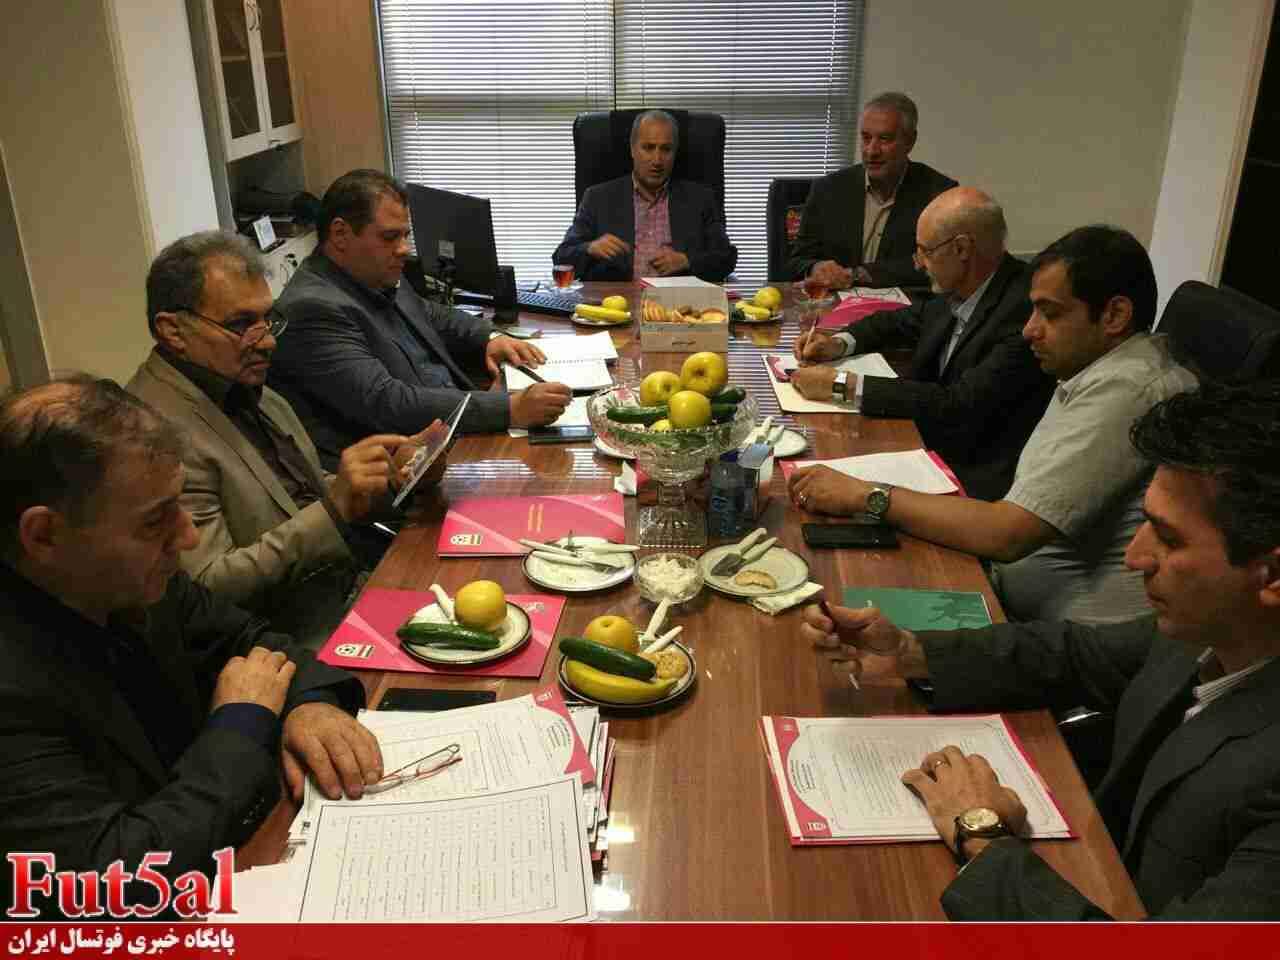 نشست سازمان لیگ برای هماهنگی بازی های تیم ملی و مس در آسیا